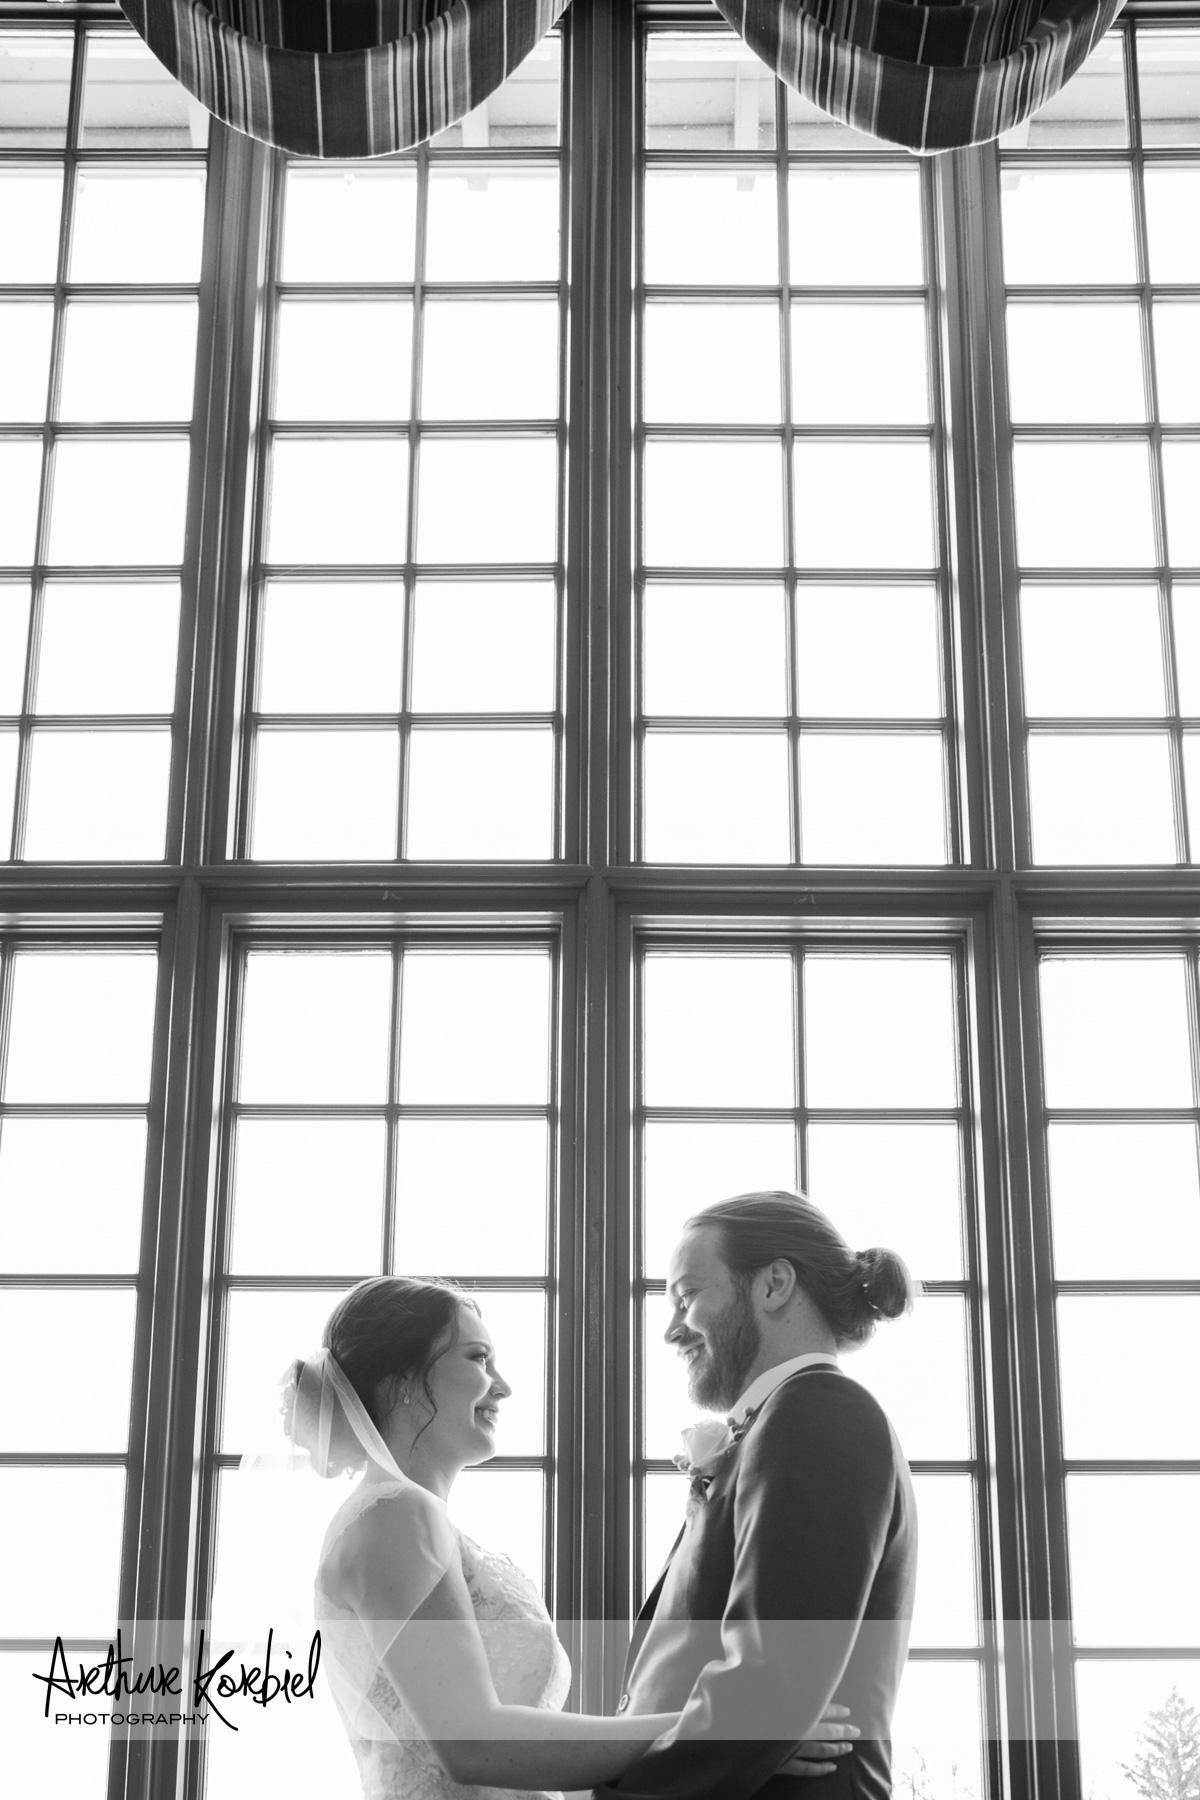 Arthur Korbiel Photography - London Wedding Photographer-001.jpg